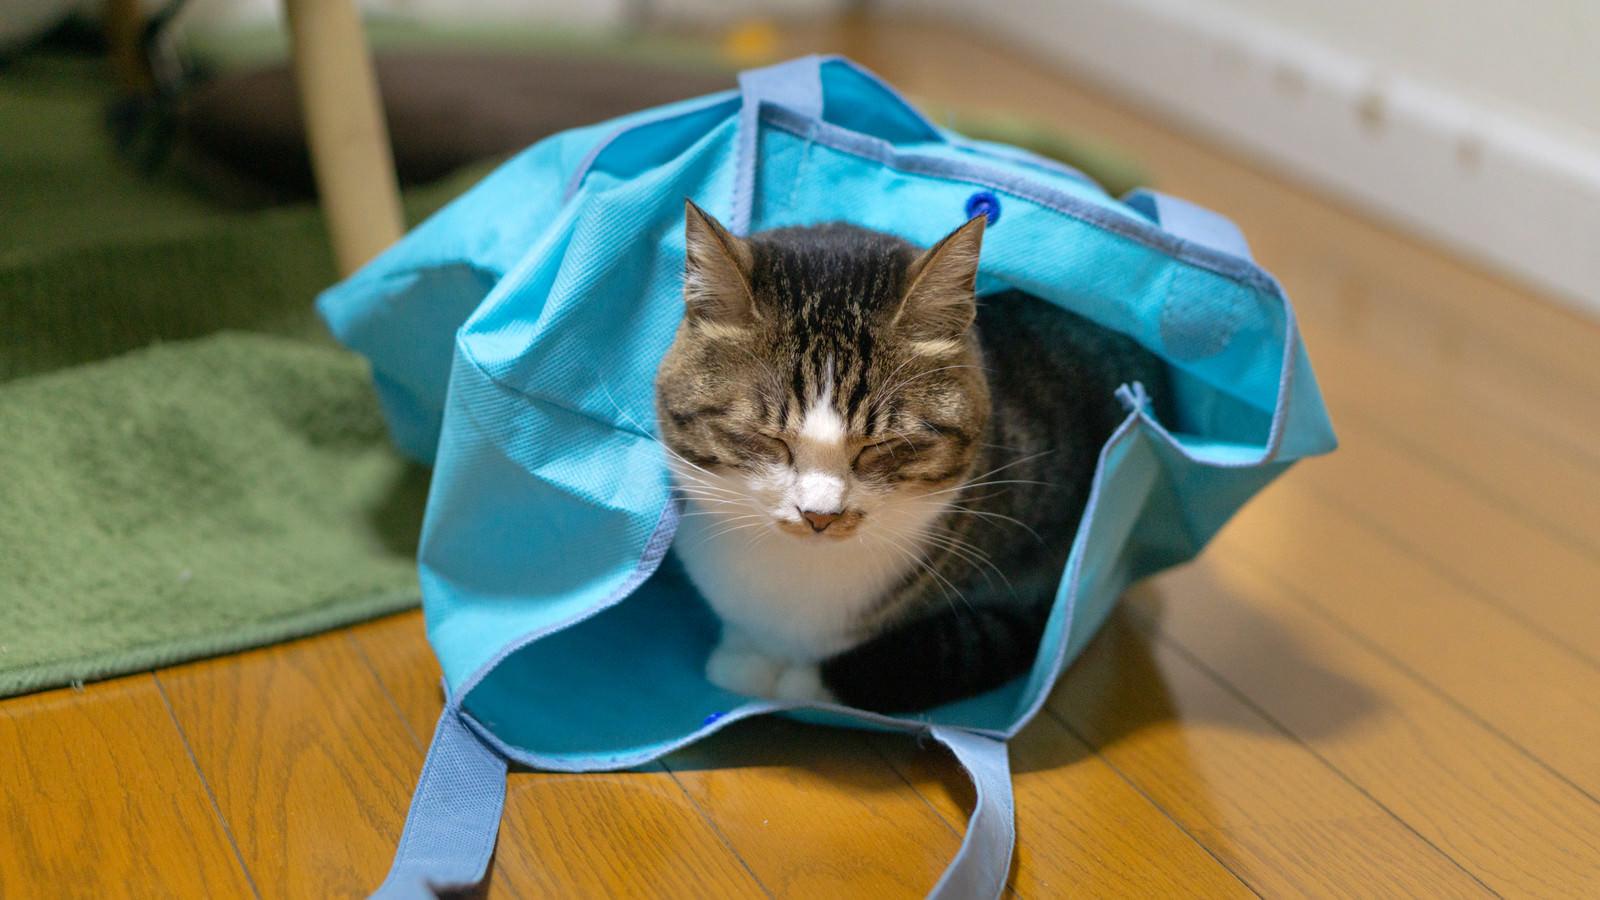 「袋の中で寝落ちする猫」の写真